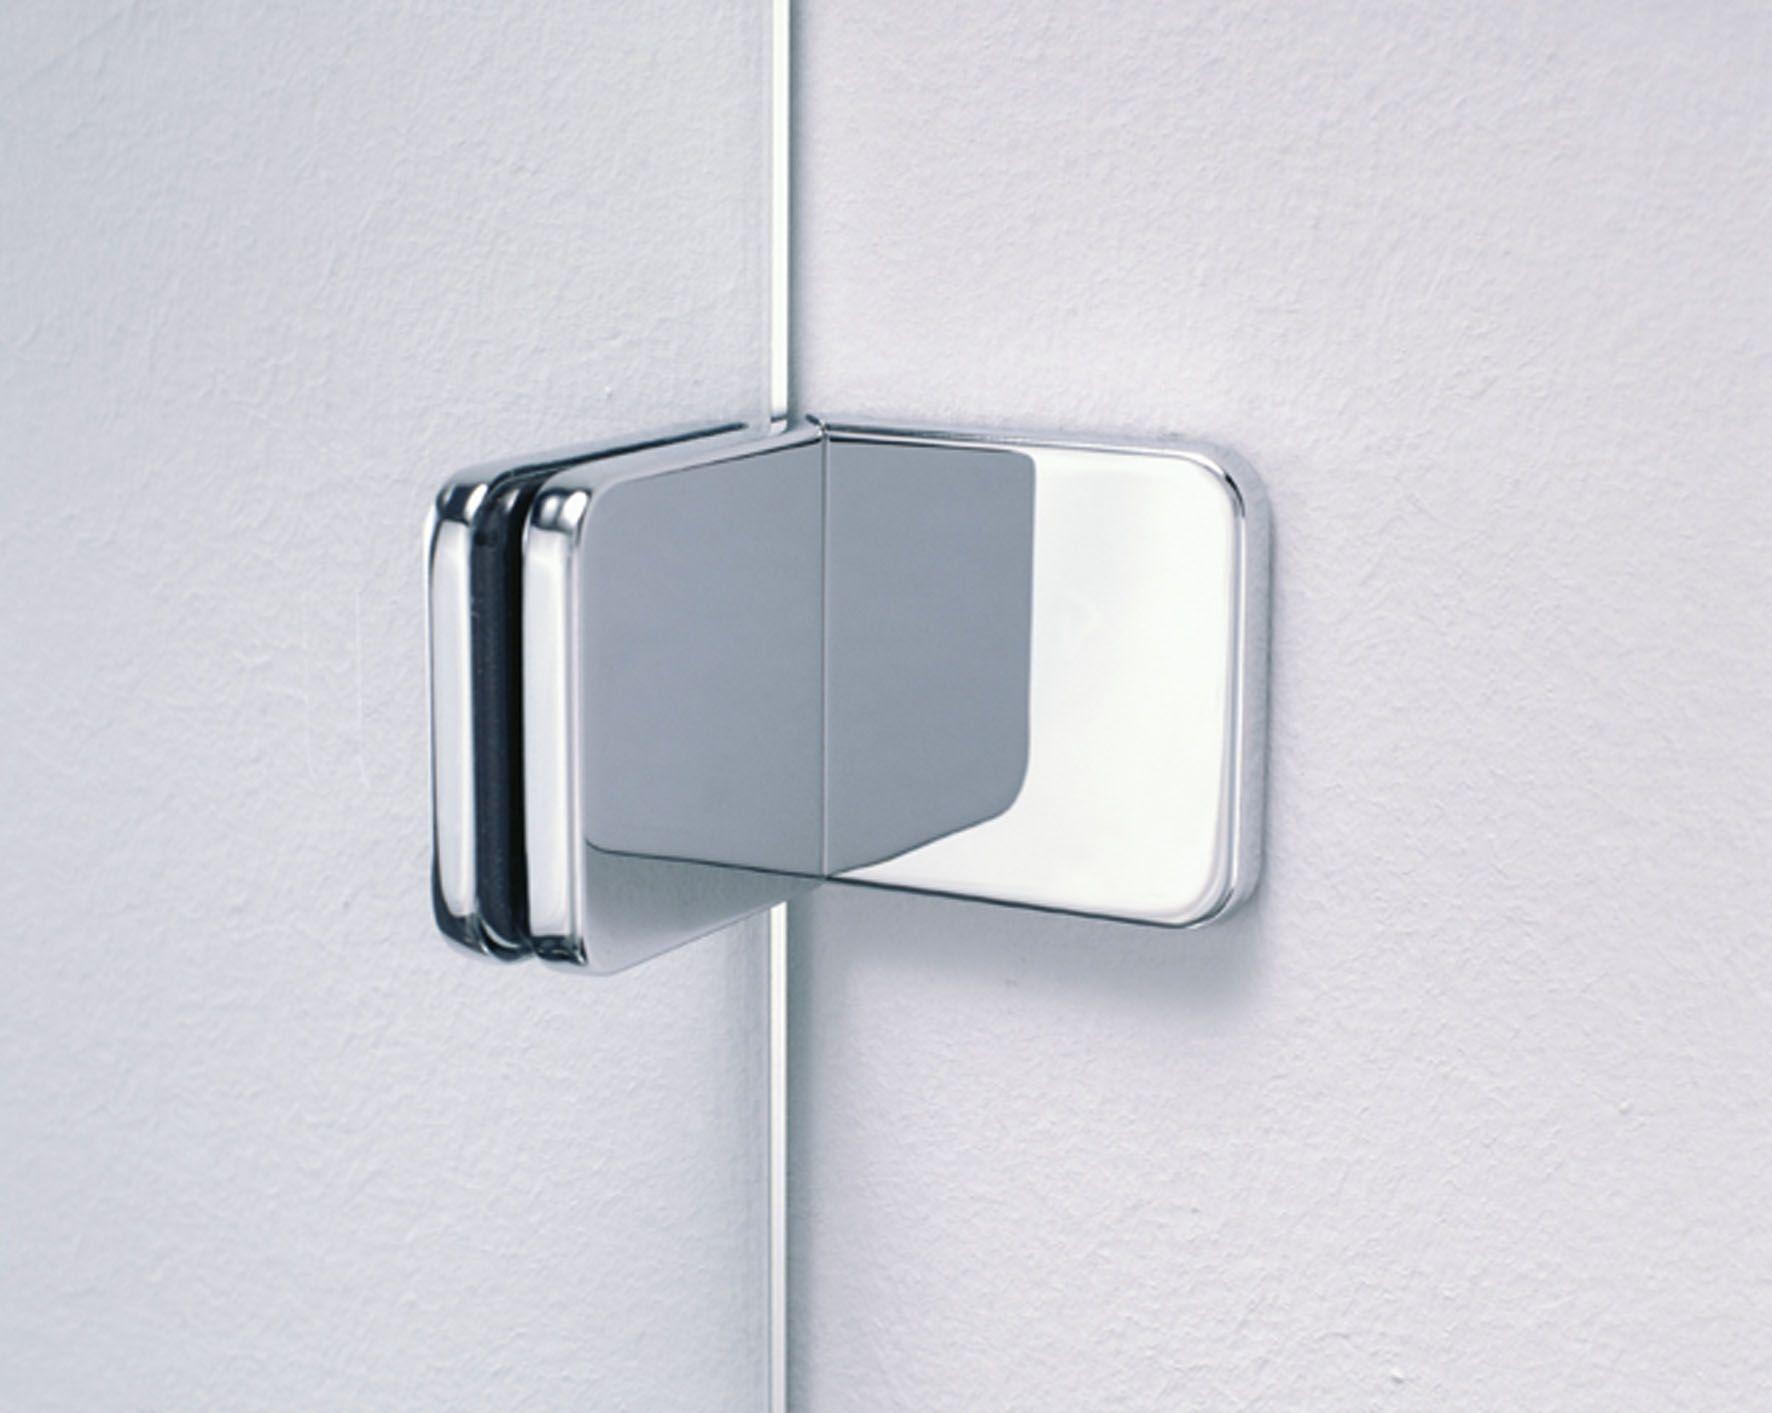 Rahmenlose Duschabtrennung Durch Belastbare Beschlage Und Scharniere Glaslosungen Glas Badezimmer Interior Eigenheim Glasduschen Dusche Duschabtrennung